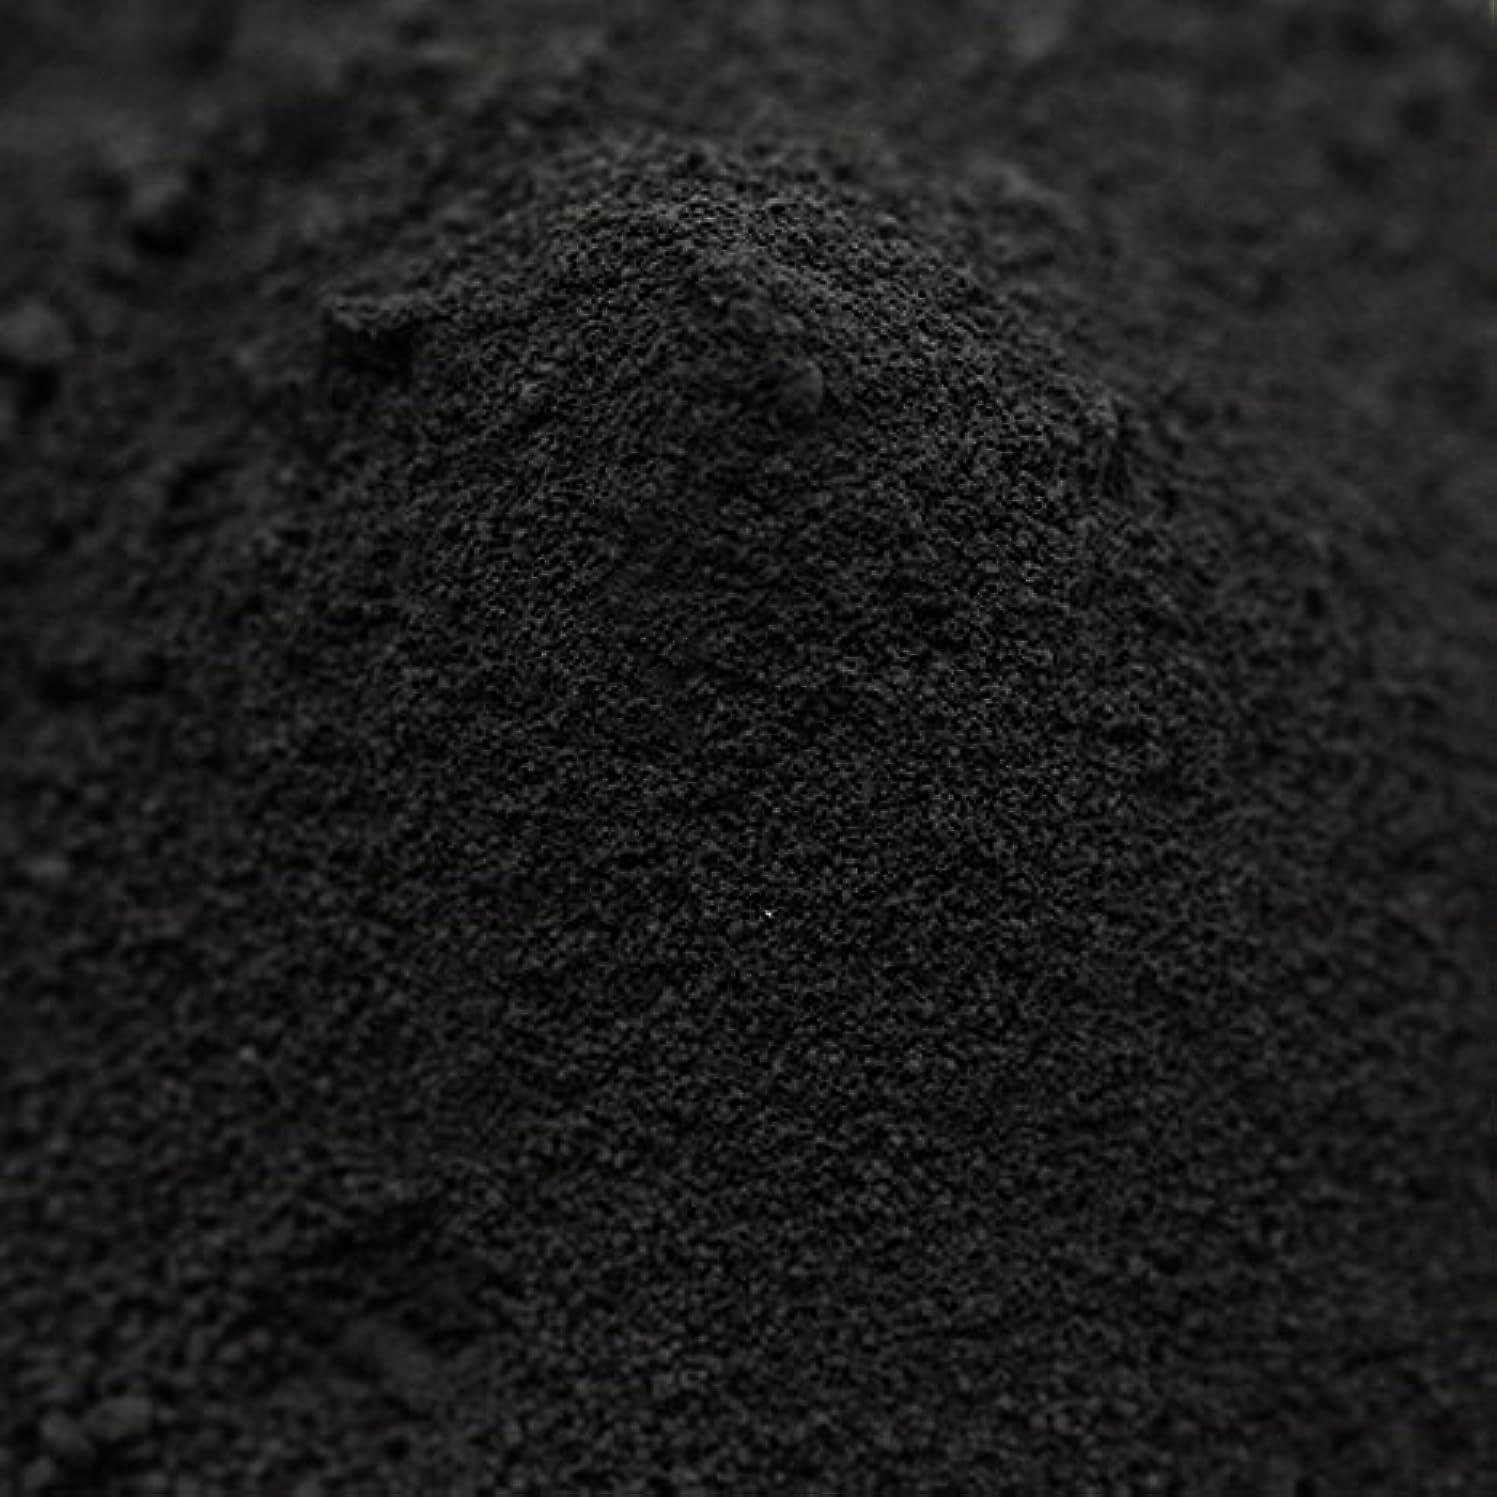 ガチョウ傾向強大な竹炭パウダー(超微粉末) 20g 【手作り石鹸/手作りコスメに】